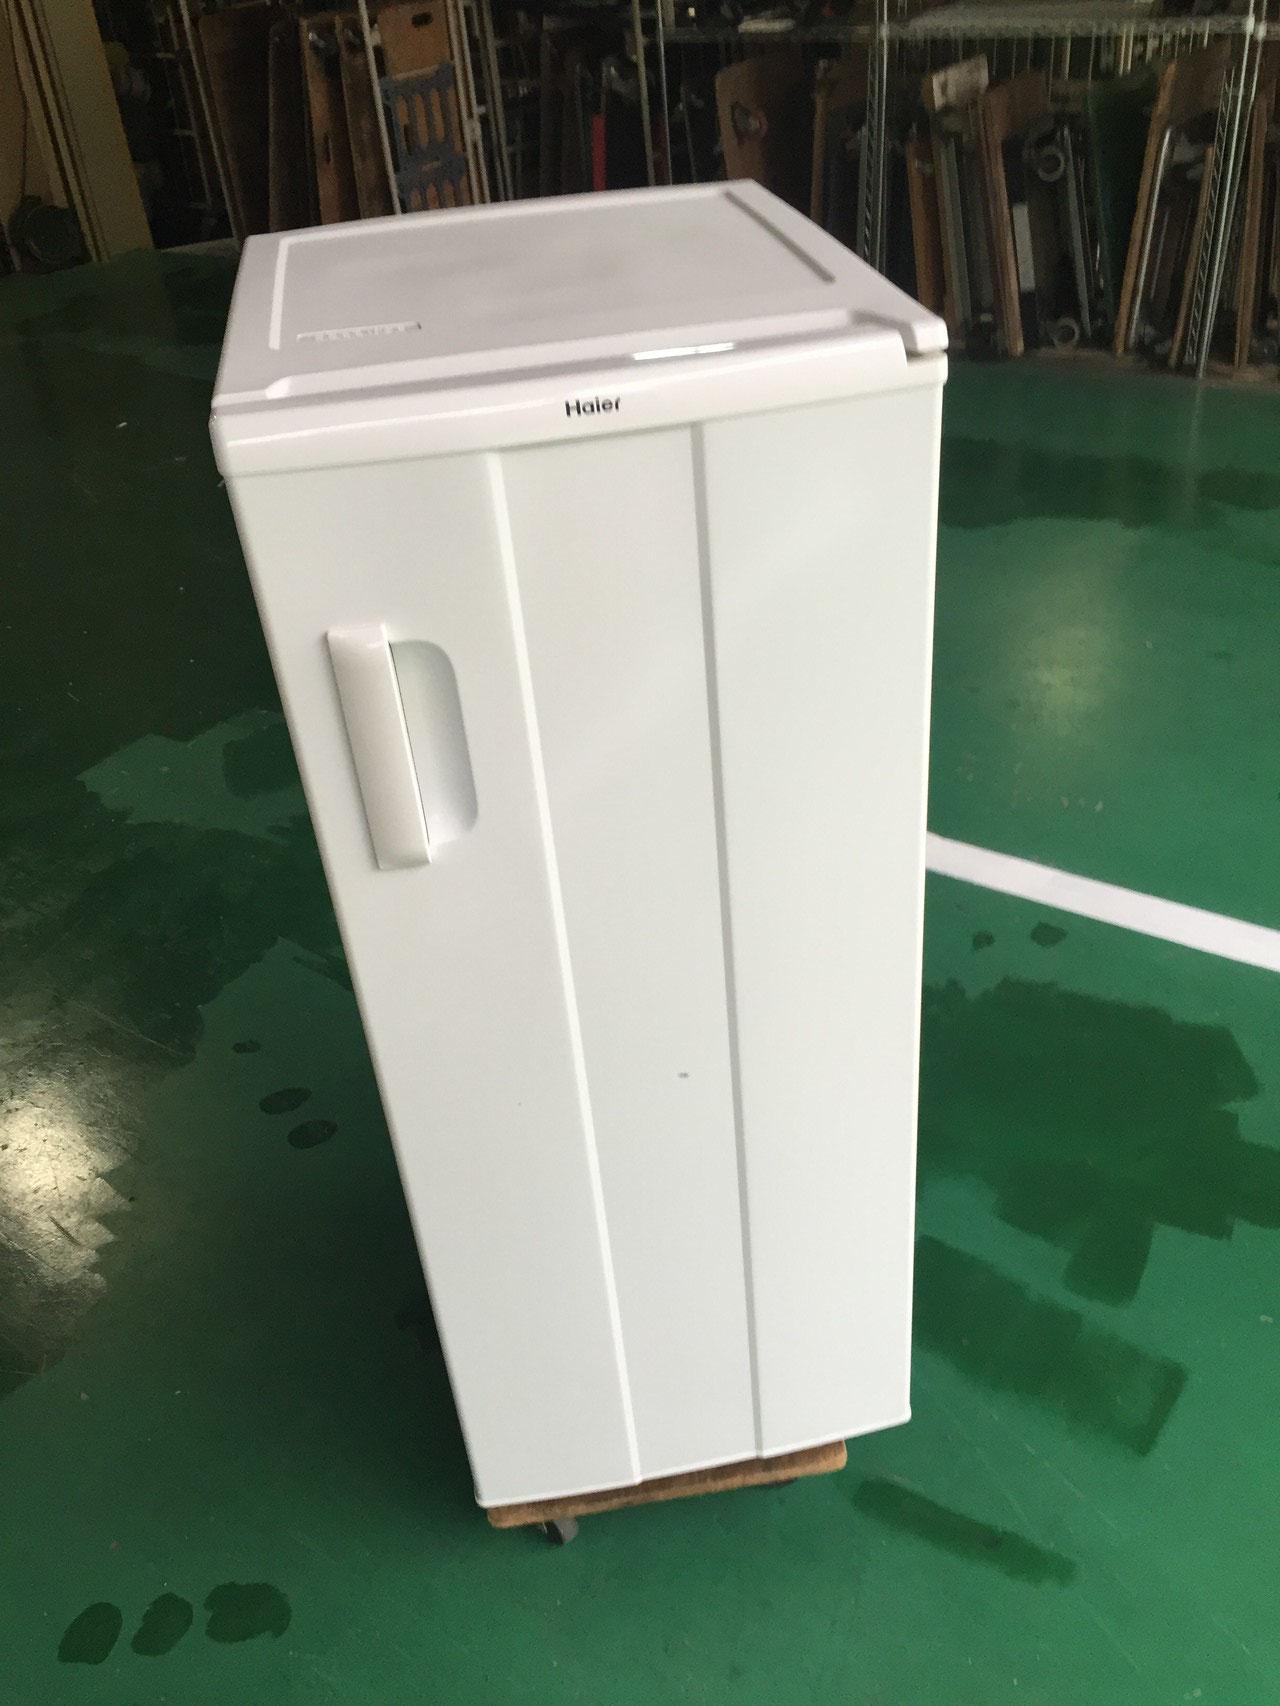 ハイアール1ドア冷凍庫